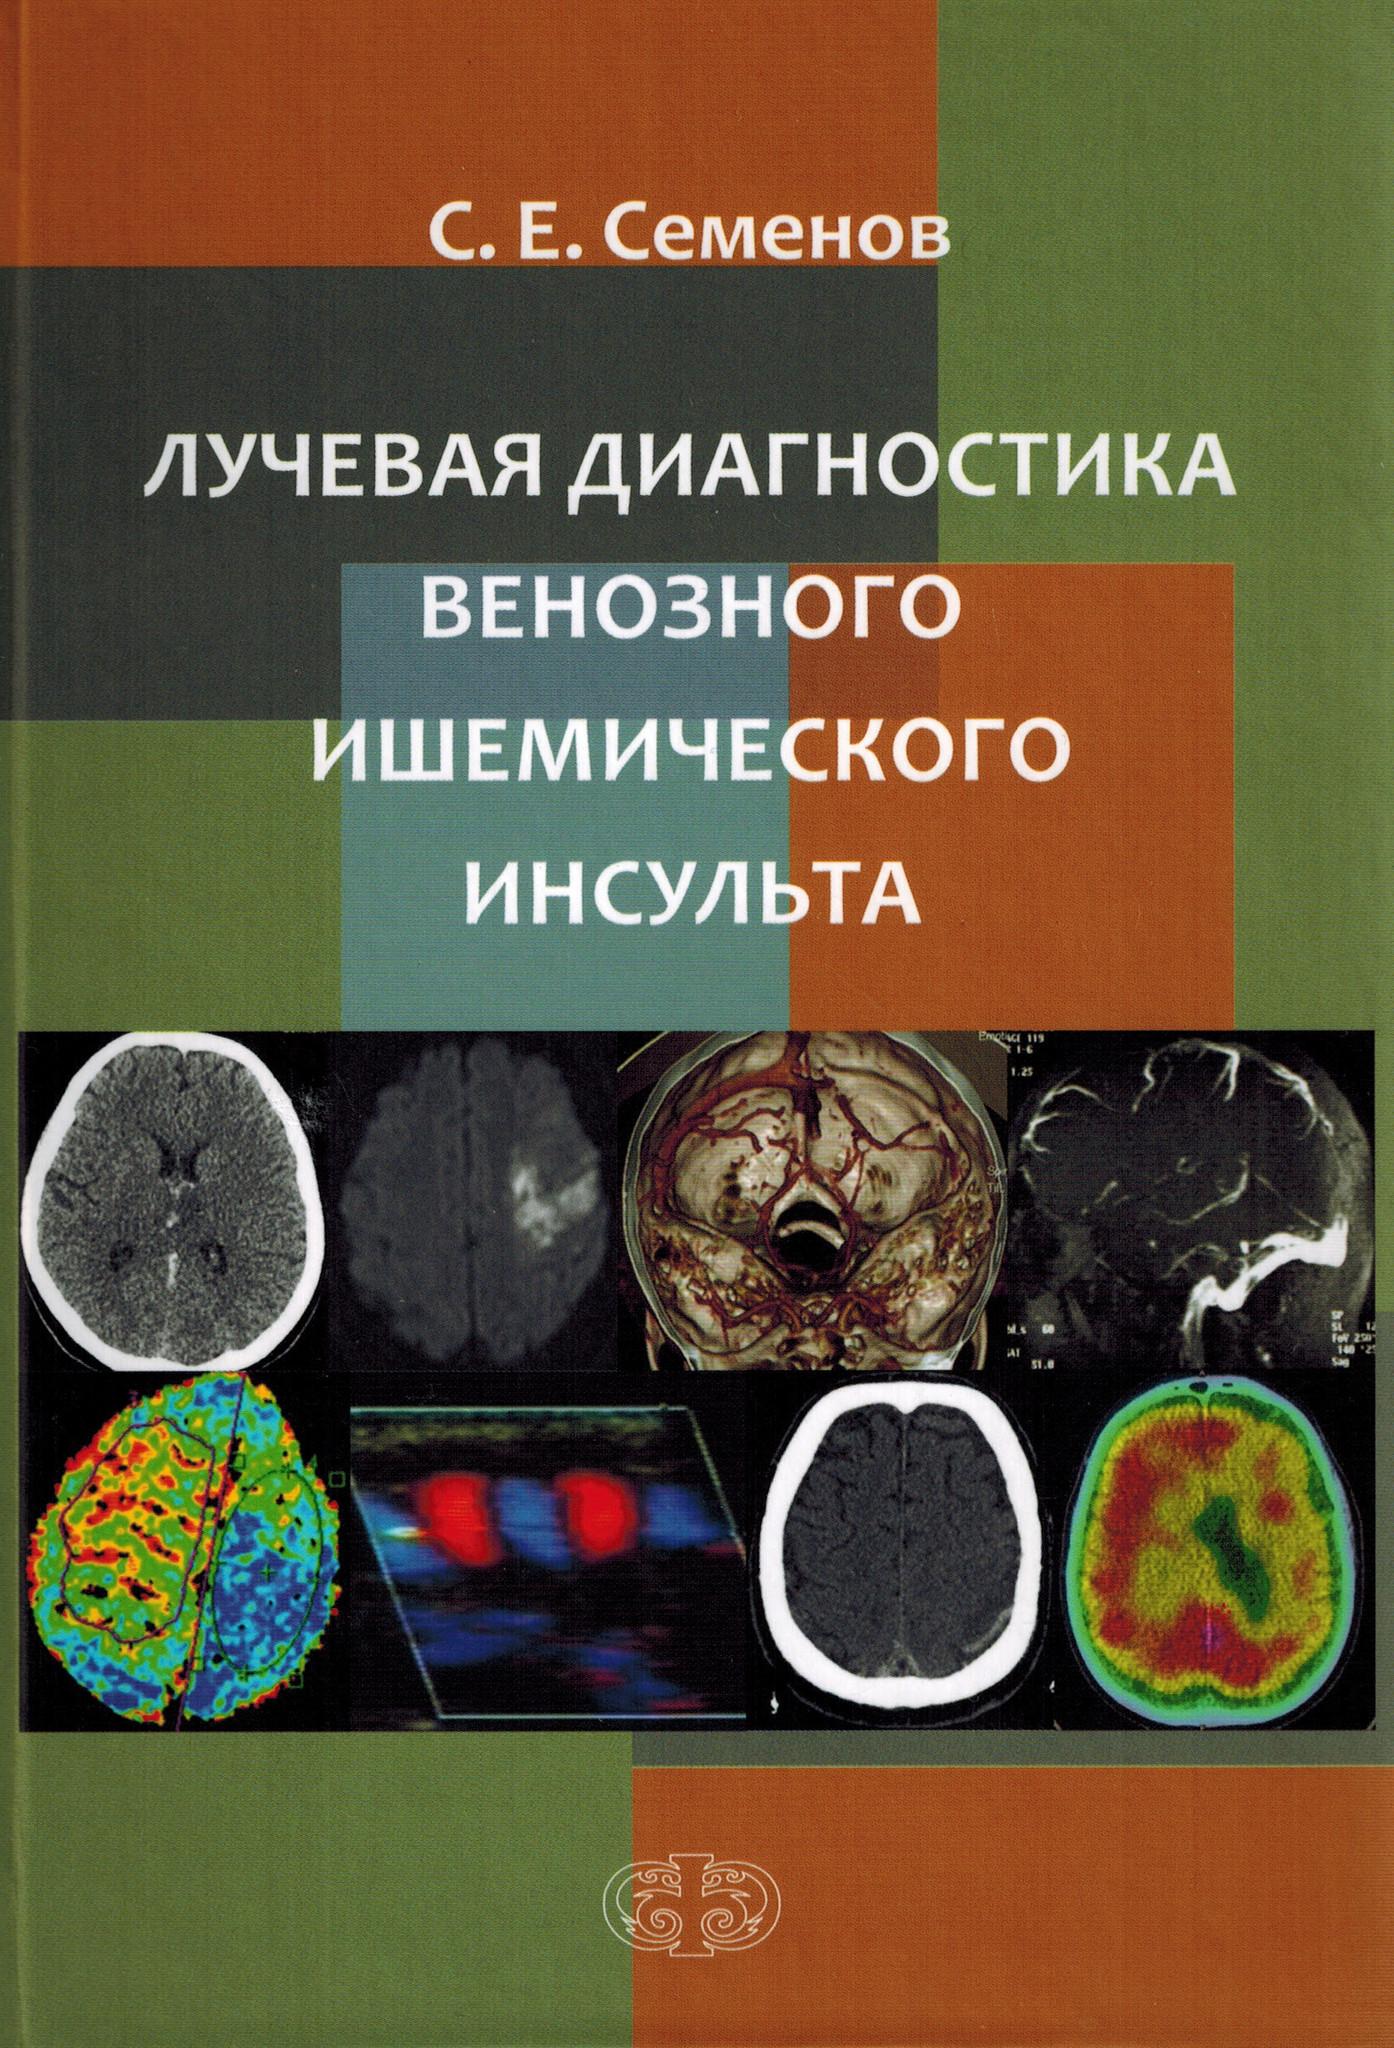 Анестезиология и реанимация Лучевая диагностика венозного ишемического инсульта ldv.jpg